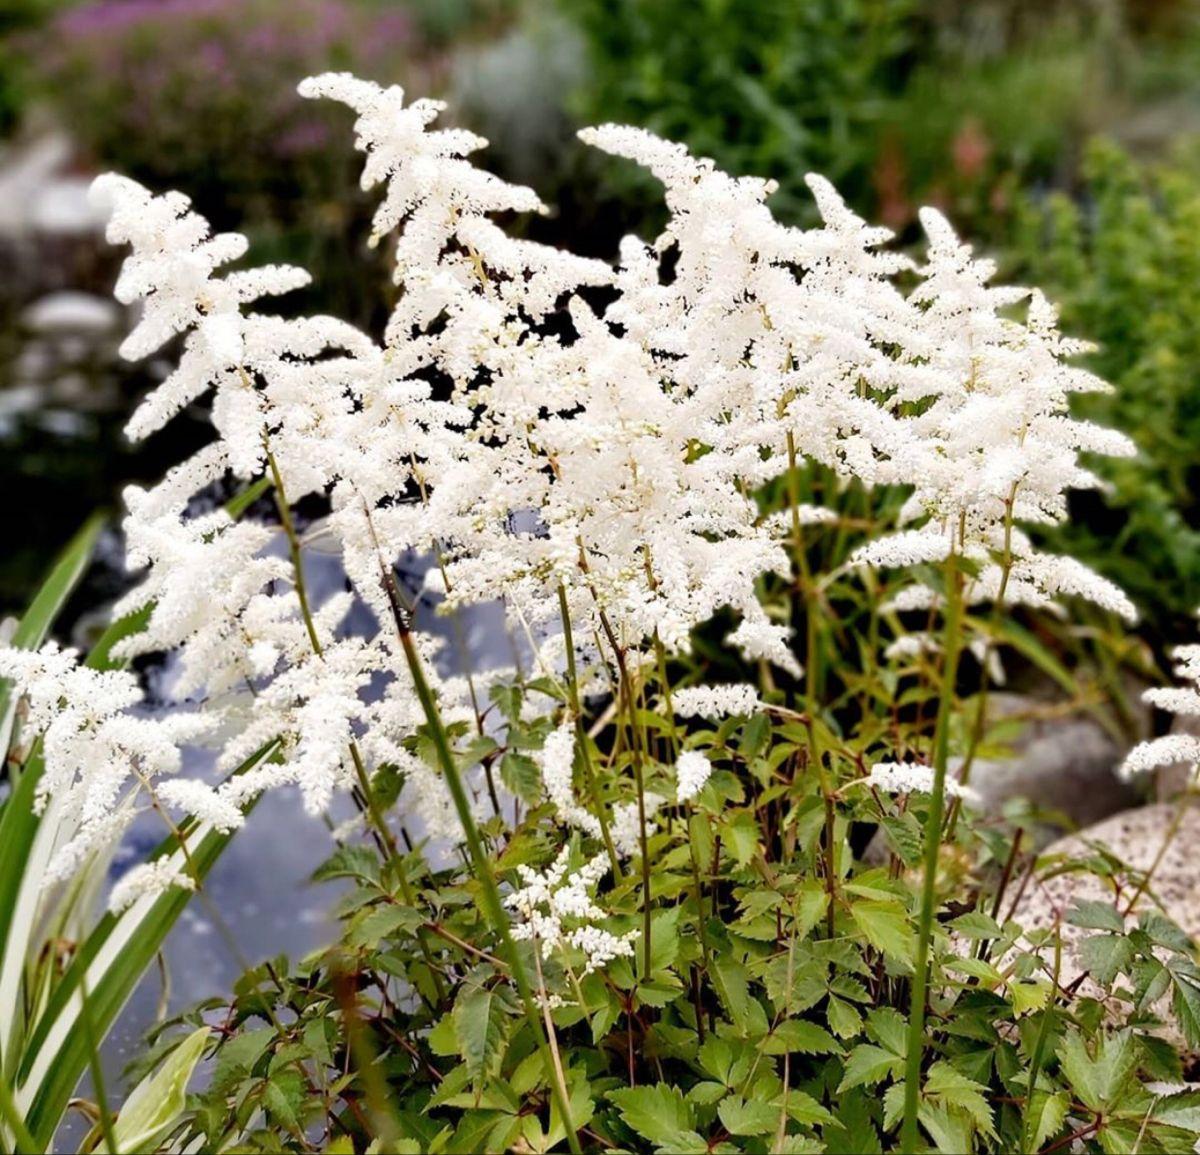 White Astilbe Flowers In 2020 White Flowers Flowers Astilbe Flower